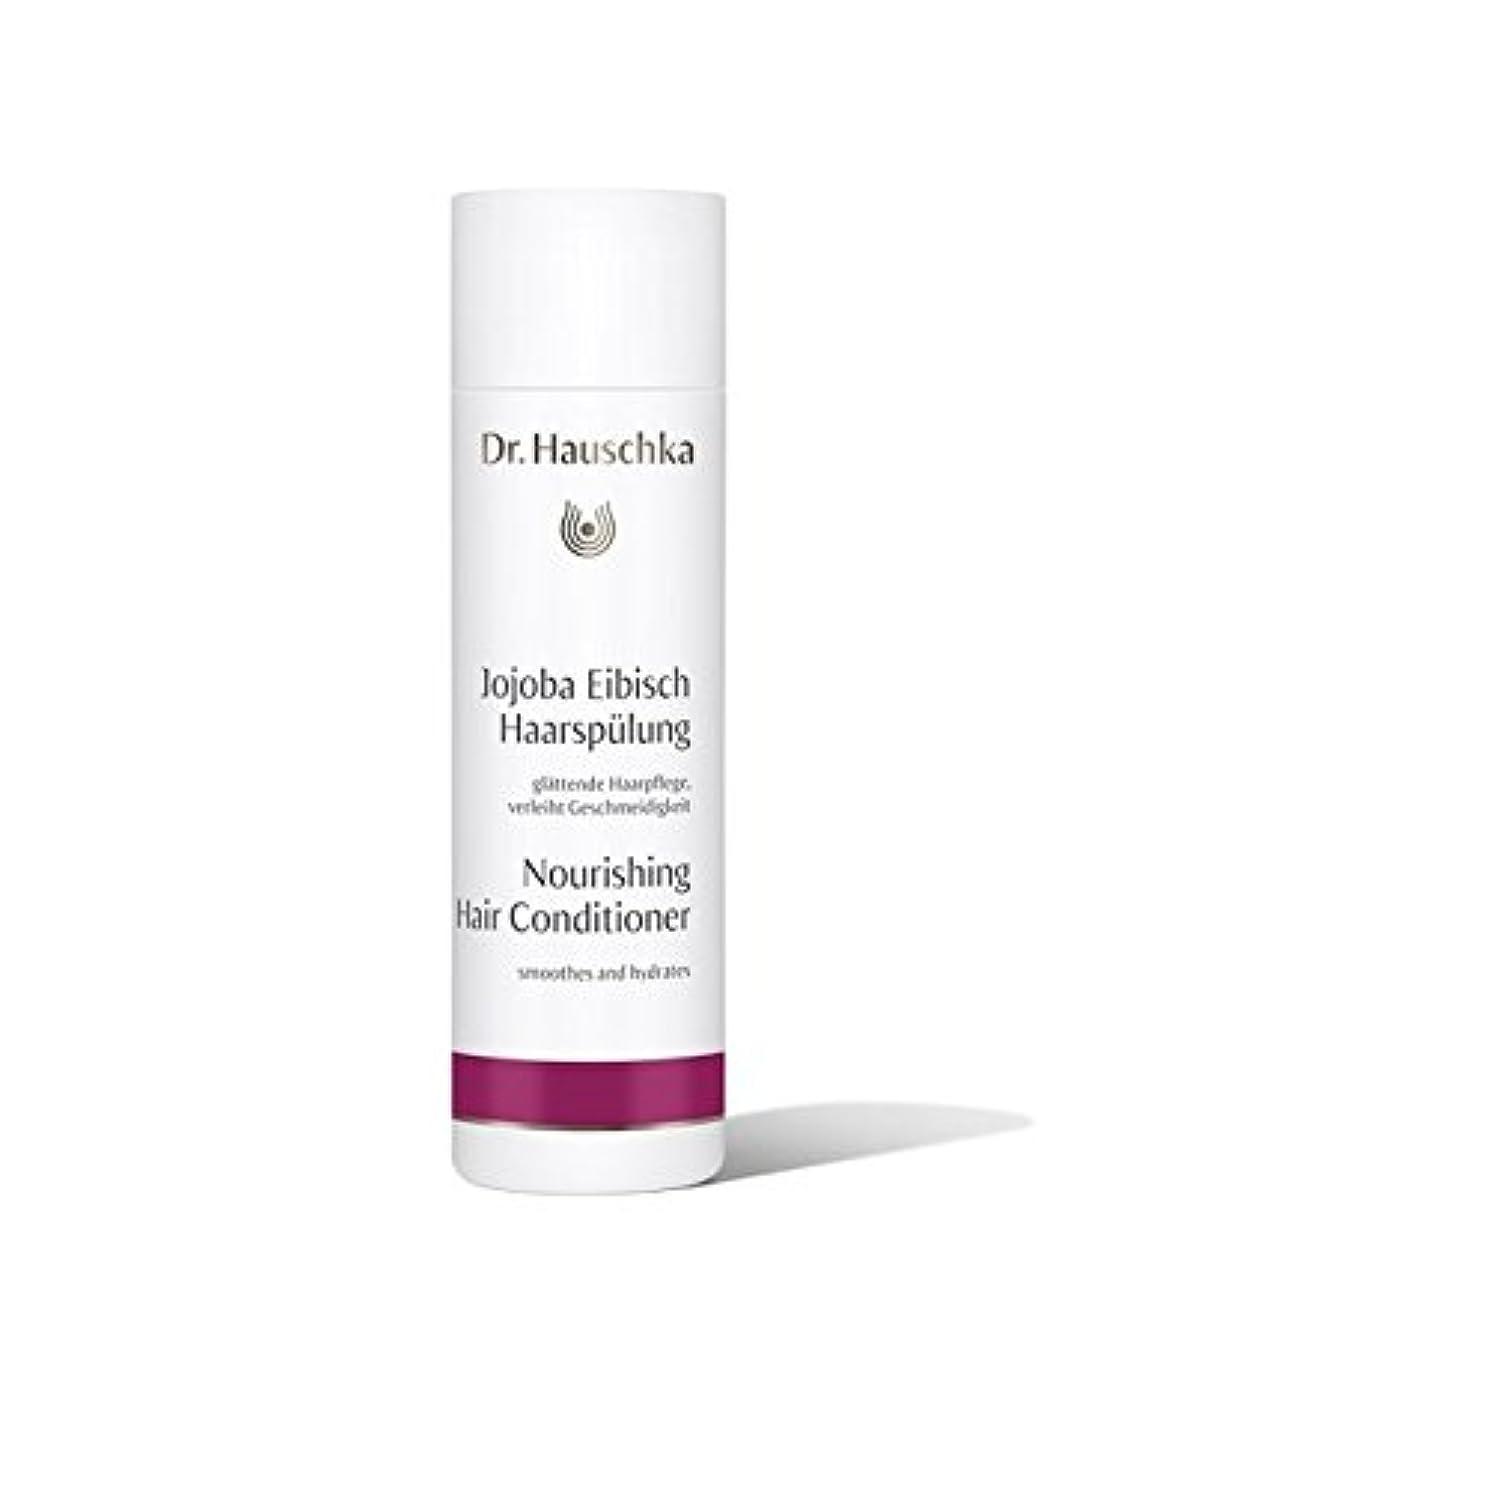 リストビール避難するDr. Hauschka Nourishing Hair Conditioner (200ml) (Pack of 6) - ハウシュカ栄養ヘアコンディショナー(200ミリリットル) x6 [並行輸入品]